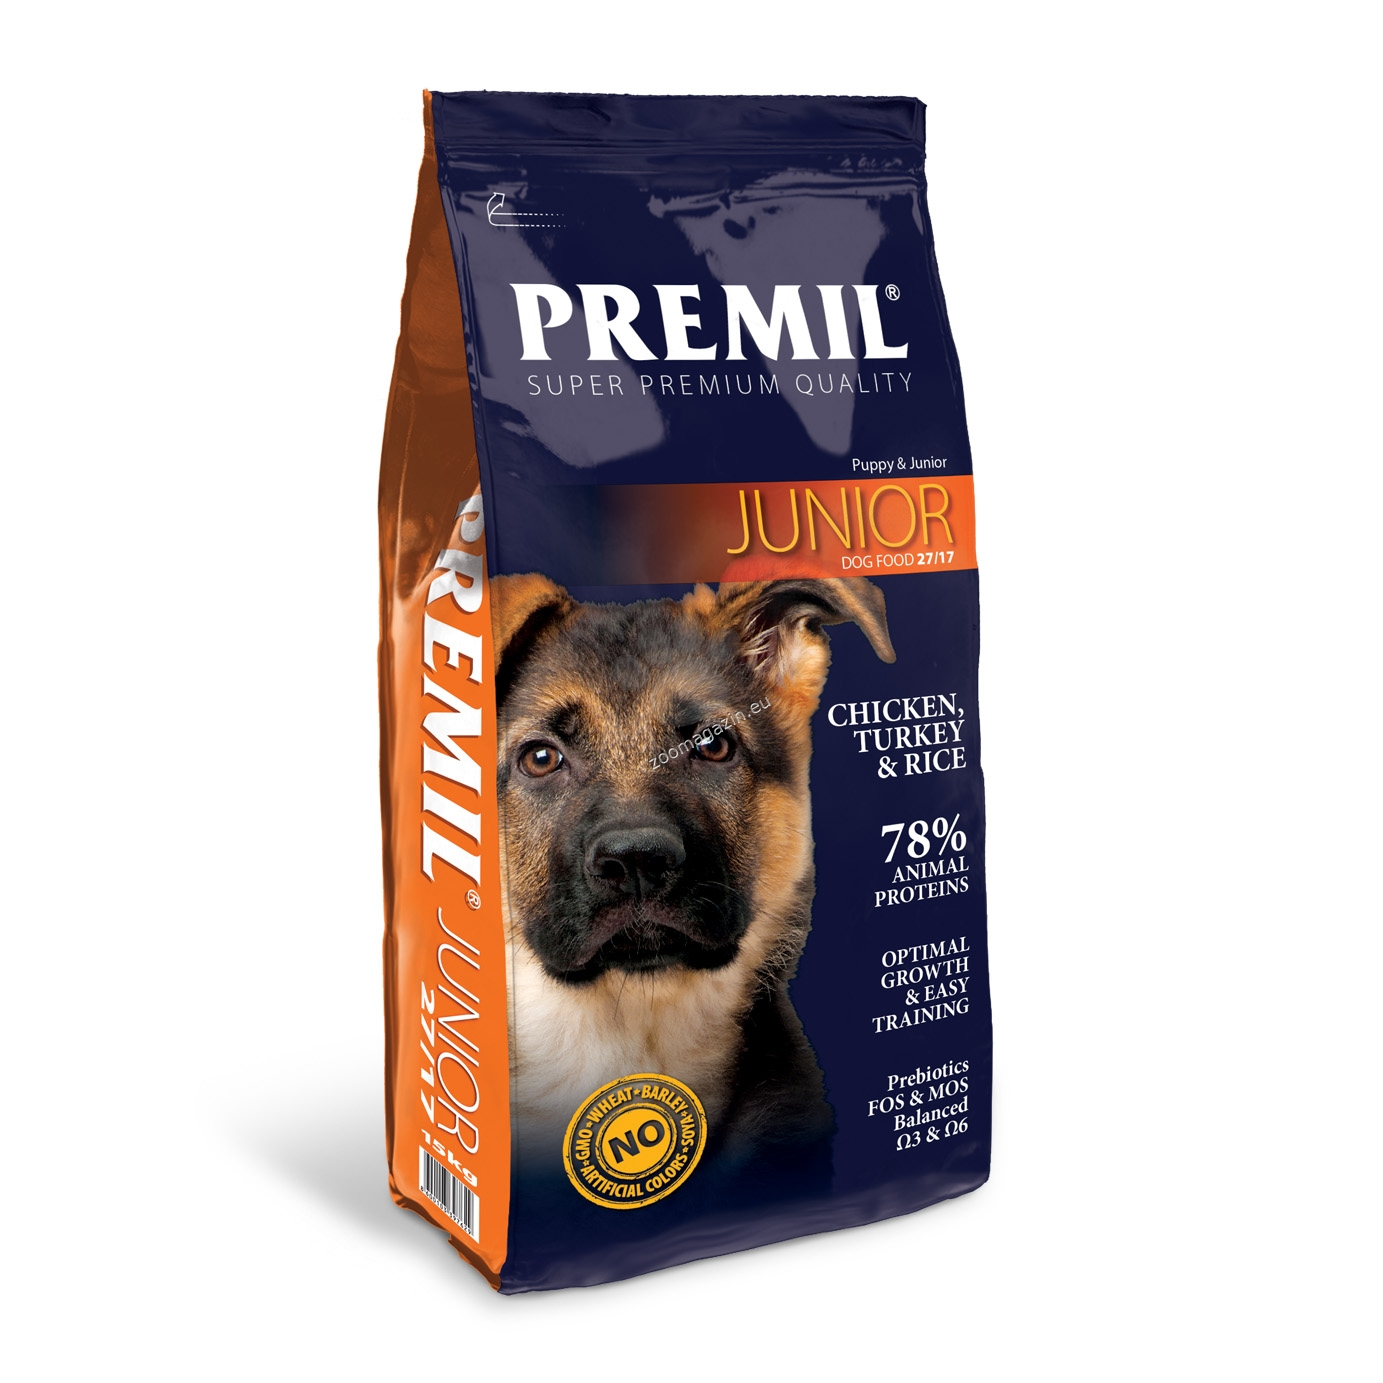 Premil - Junior - пълноценна храна с пилешко и патешко месо, за кучета големи и гигантски породи на възраст от 2 до 18 месеца 15 кг.